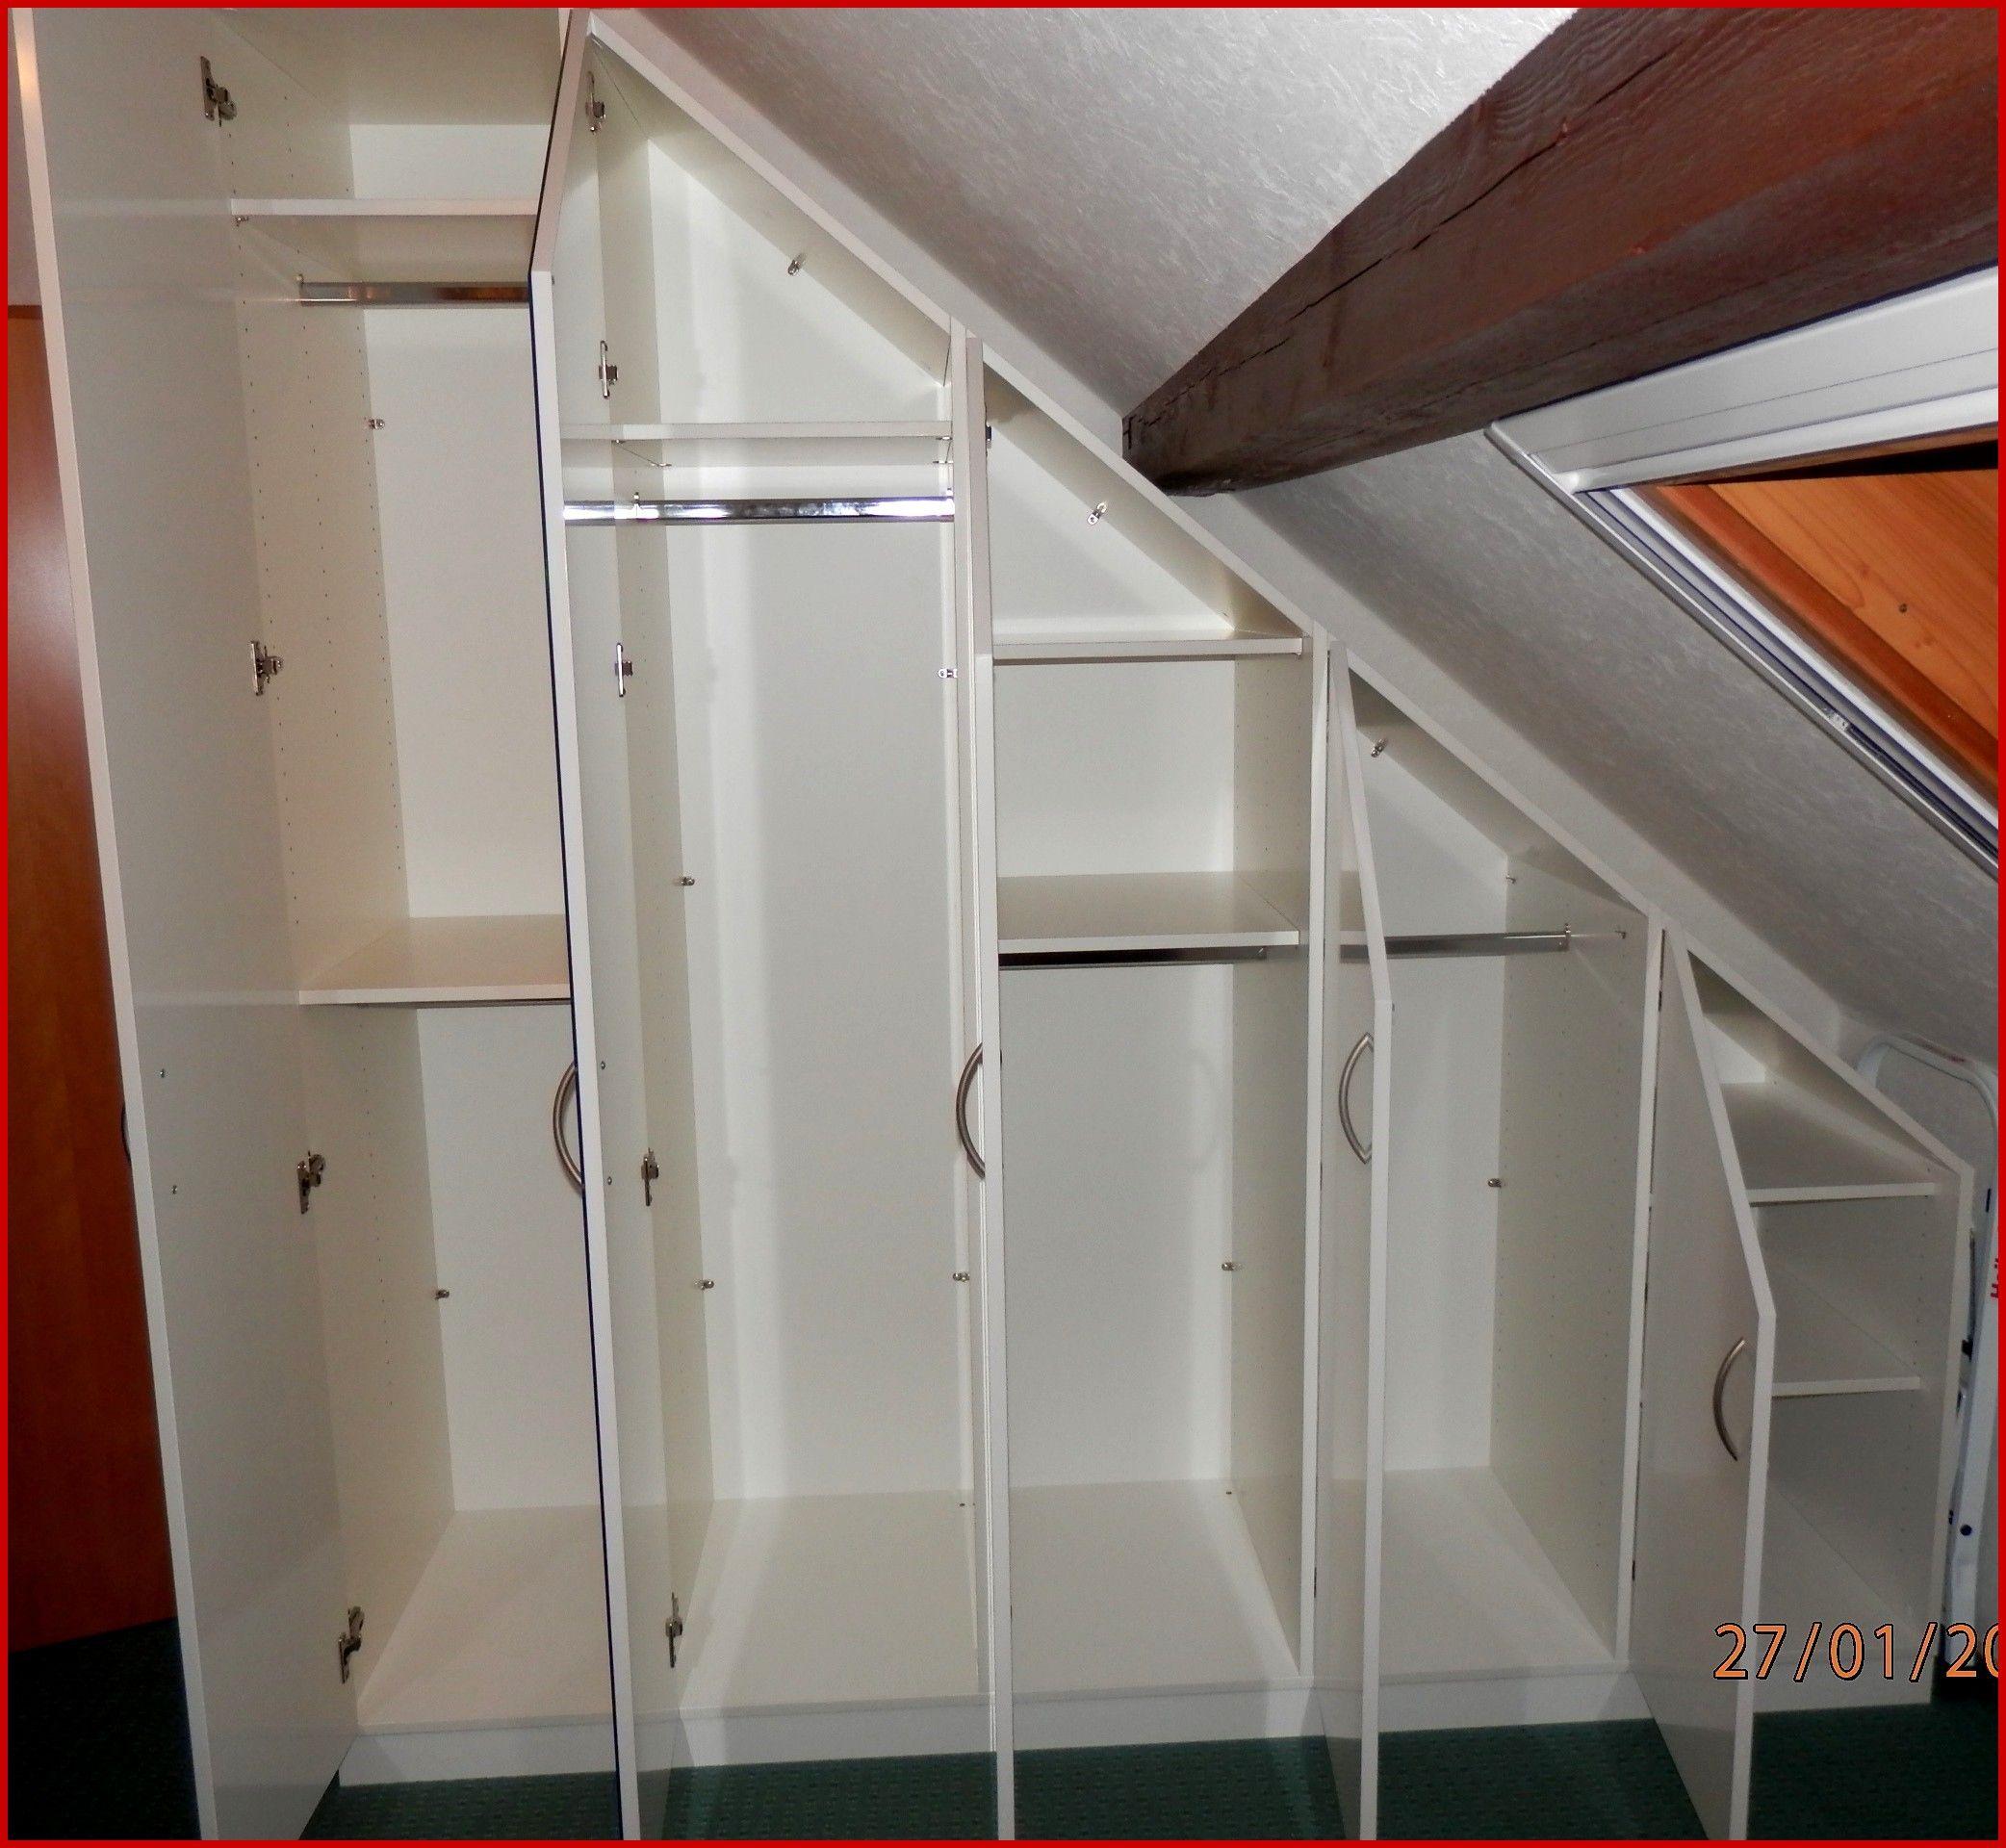 Schuine Wand Kast Ikea 184332 Eigen Kast Maken Ikea In